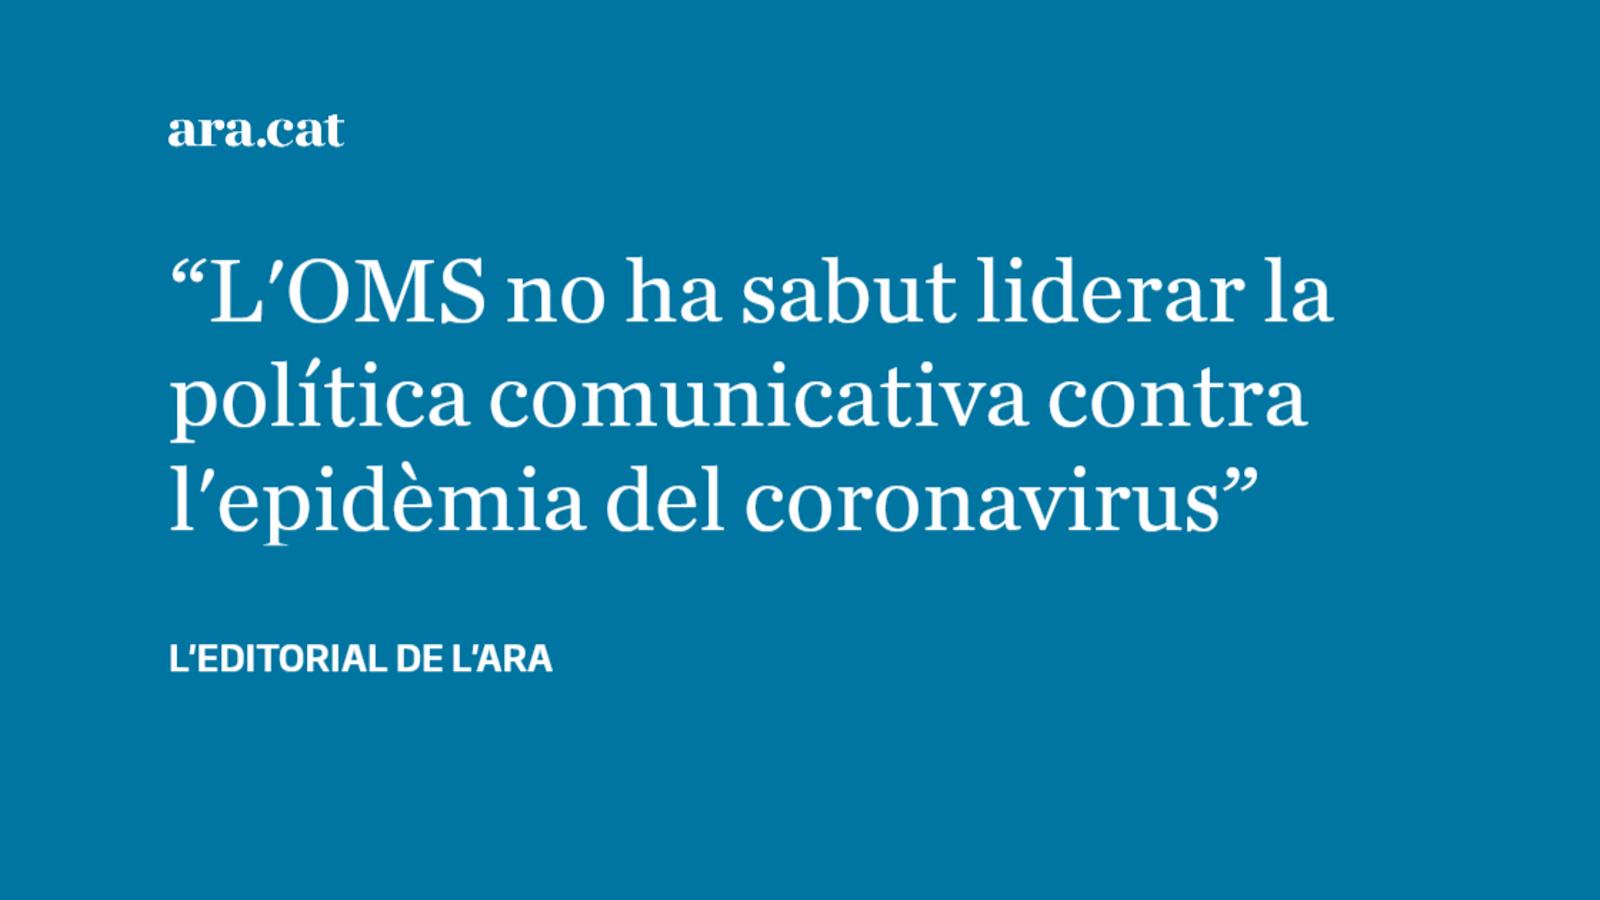 La crisi del coronavirus sacseja el món